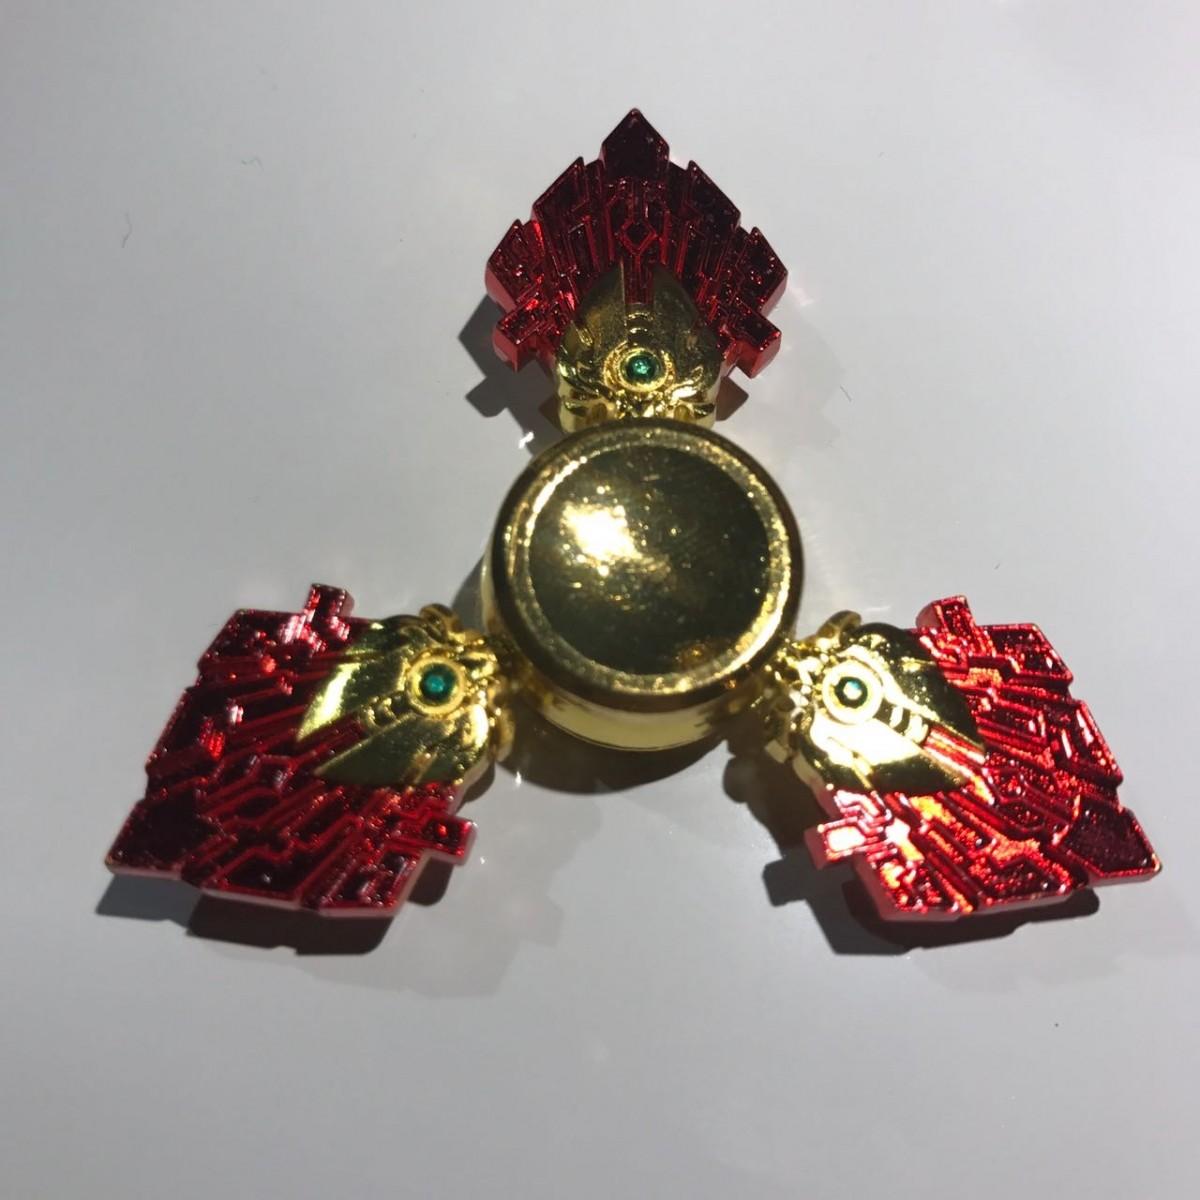 Hand Spinner Cristal Dourado e Vermelho - Rolamento Anti Estresse Fidget Hand Spinner